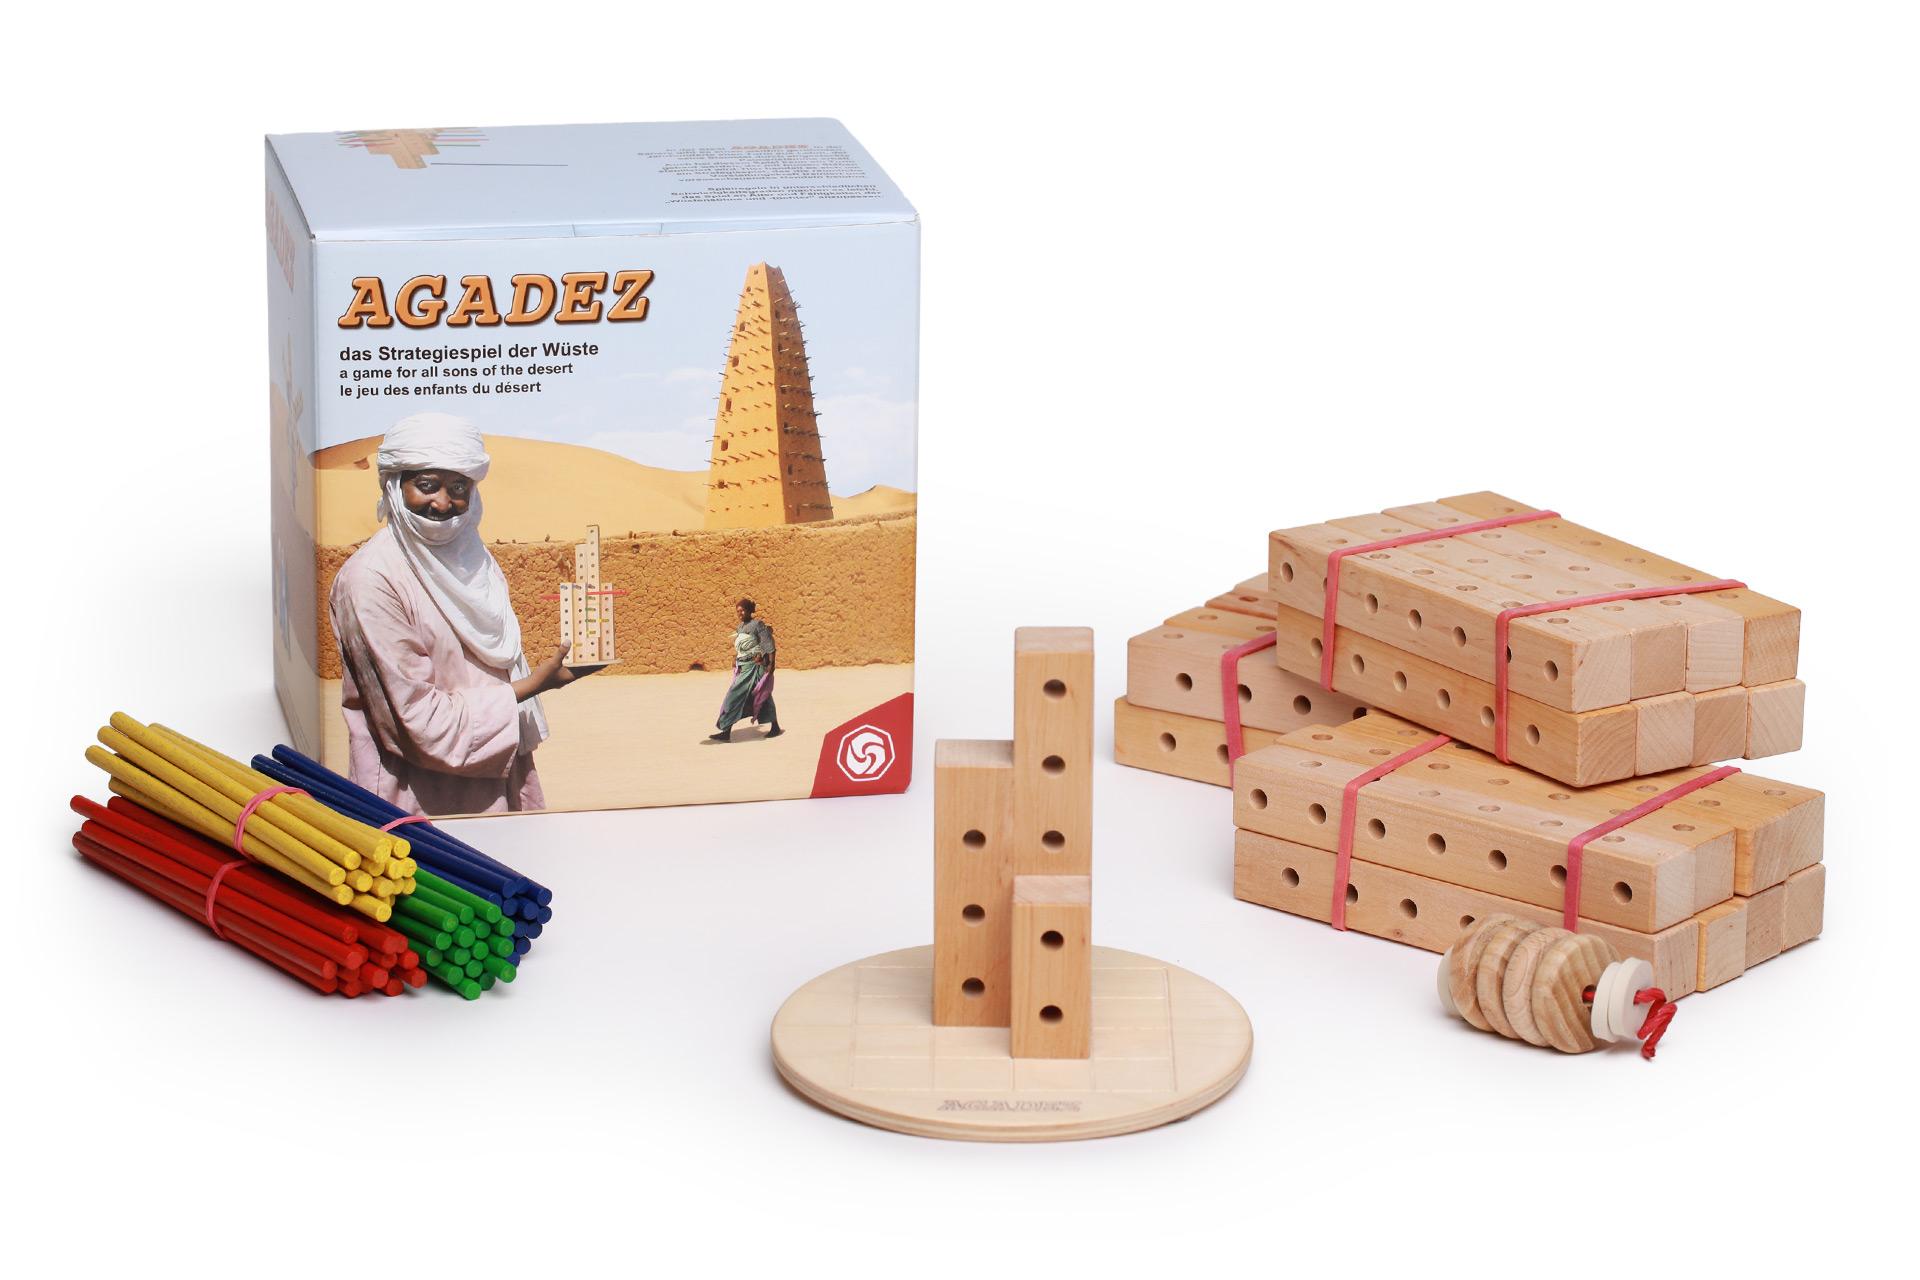 Spielwaren-Agadez-Feinmotorik-Therapie-Strategiespiel-mit-Verpackung-ksg